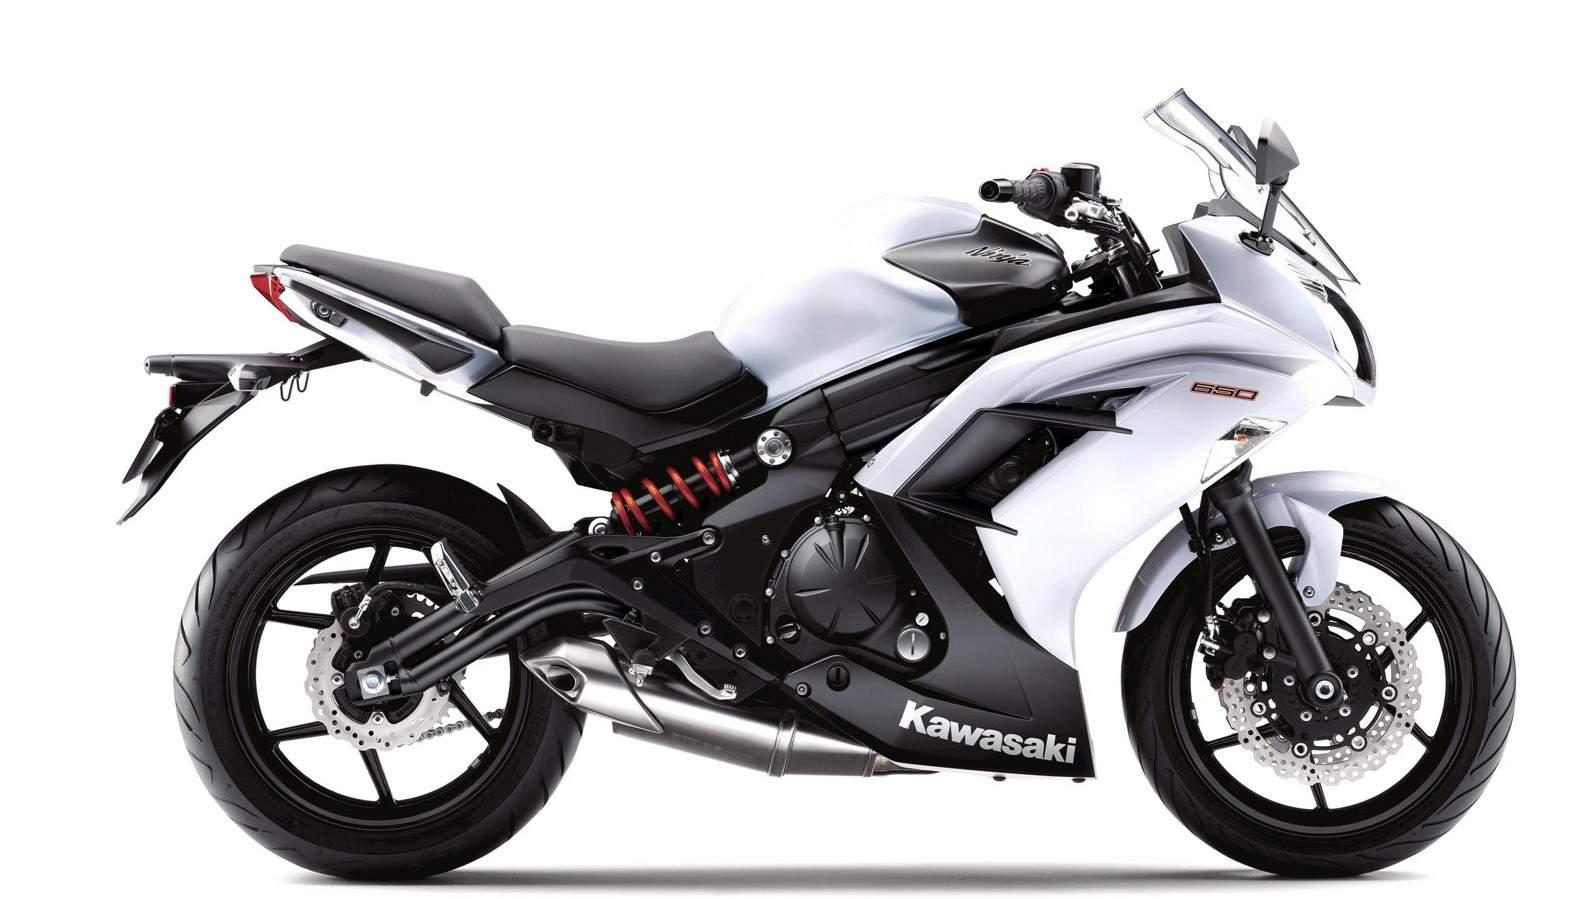 Kawasaki Ninja 650R For Sale >> Kawasaki Ninja 650 Specs Prices and sporty | Otomild